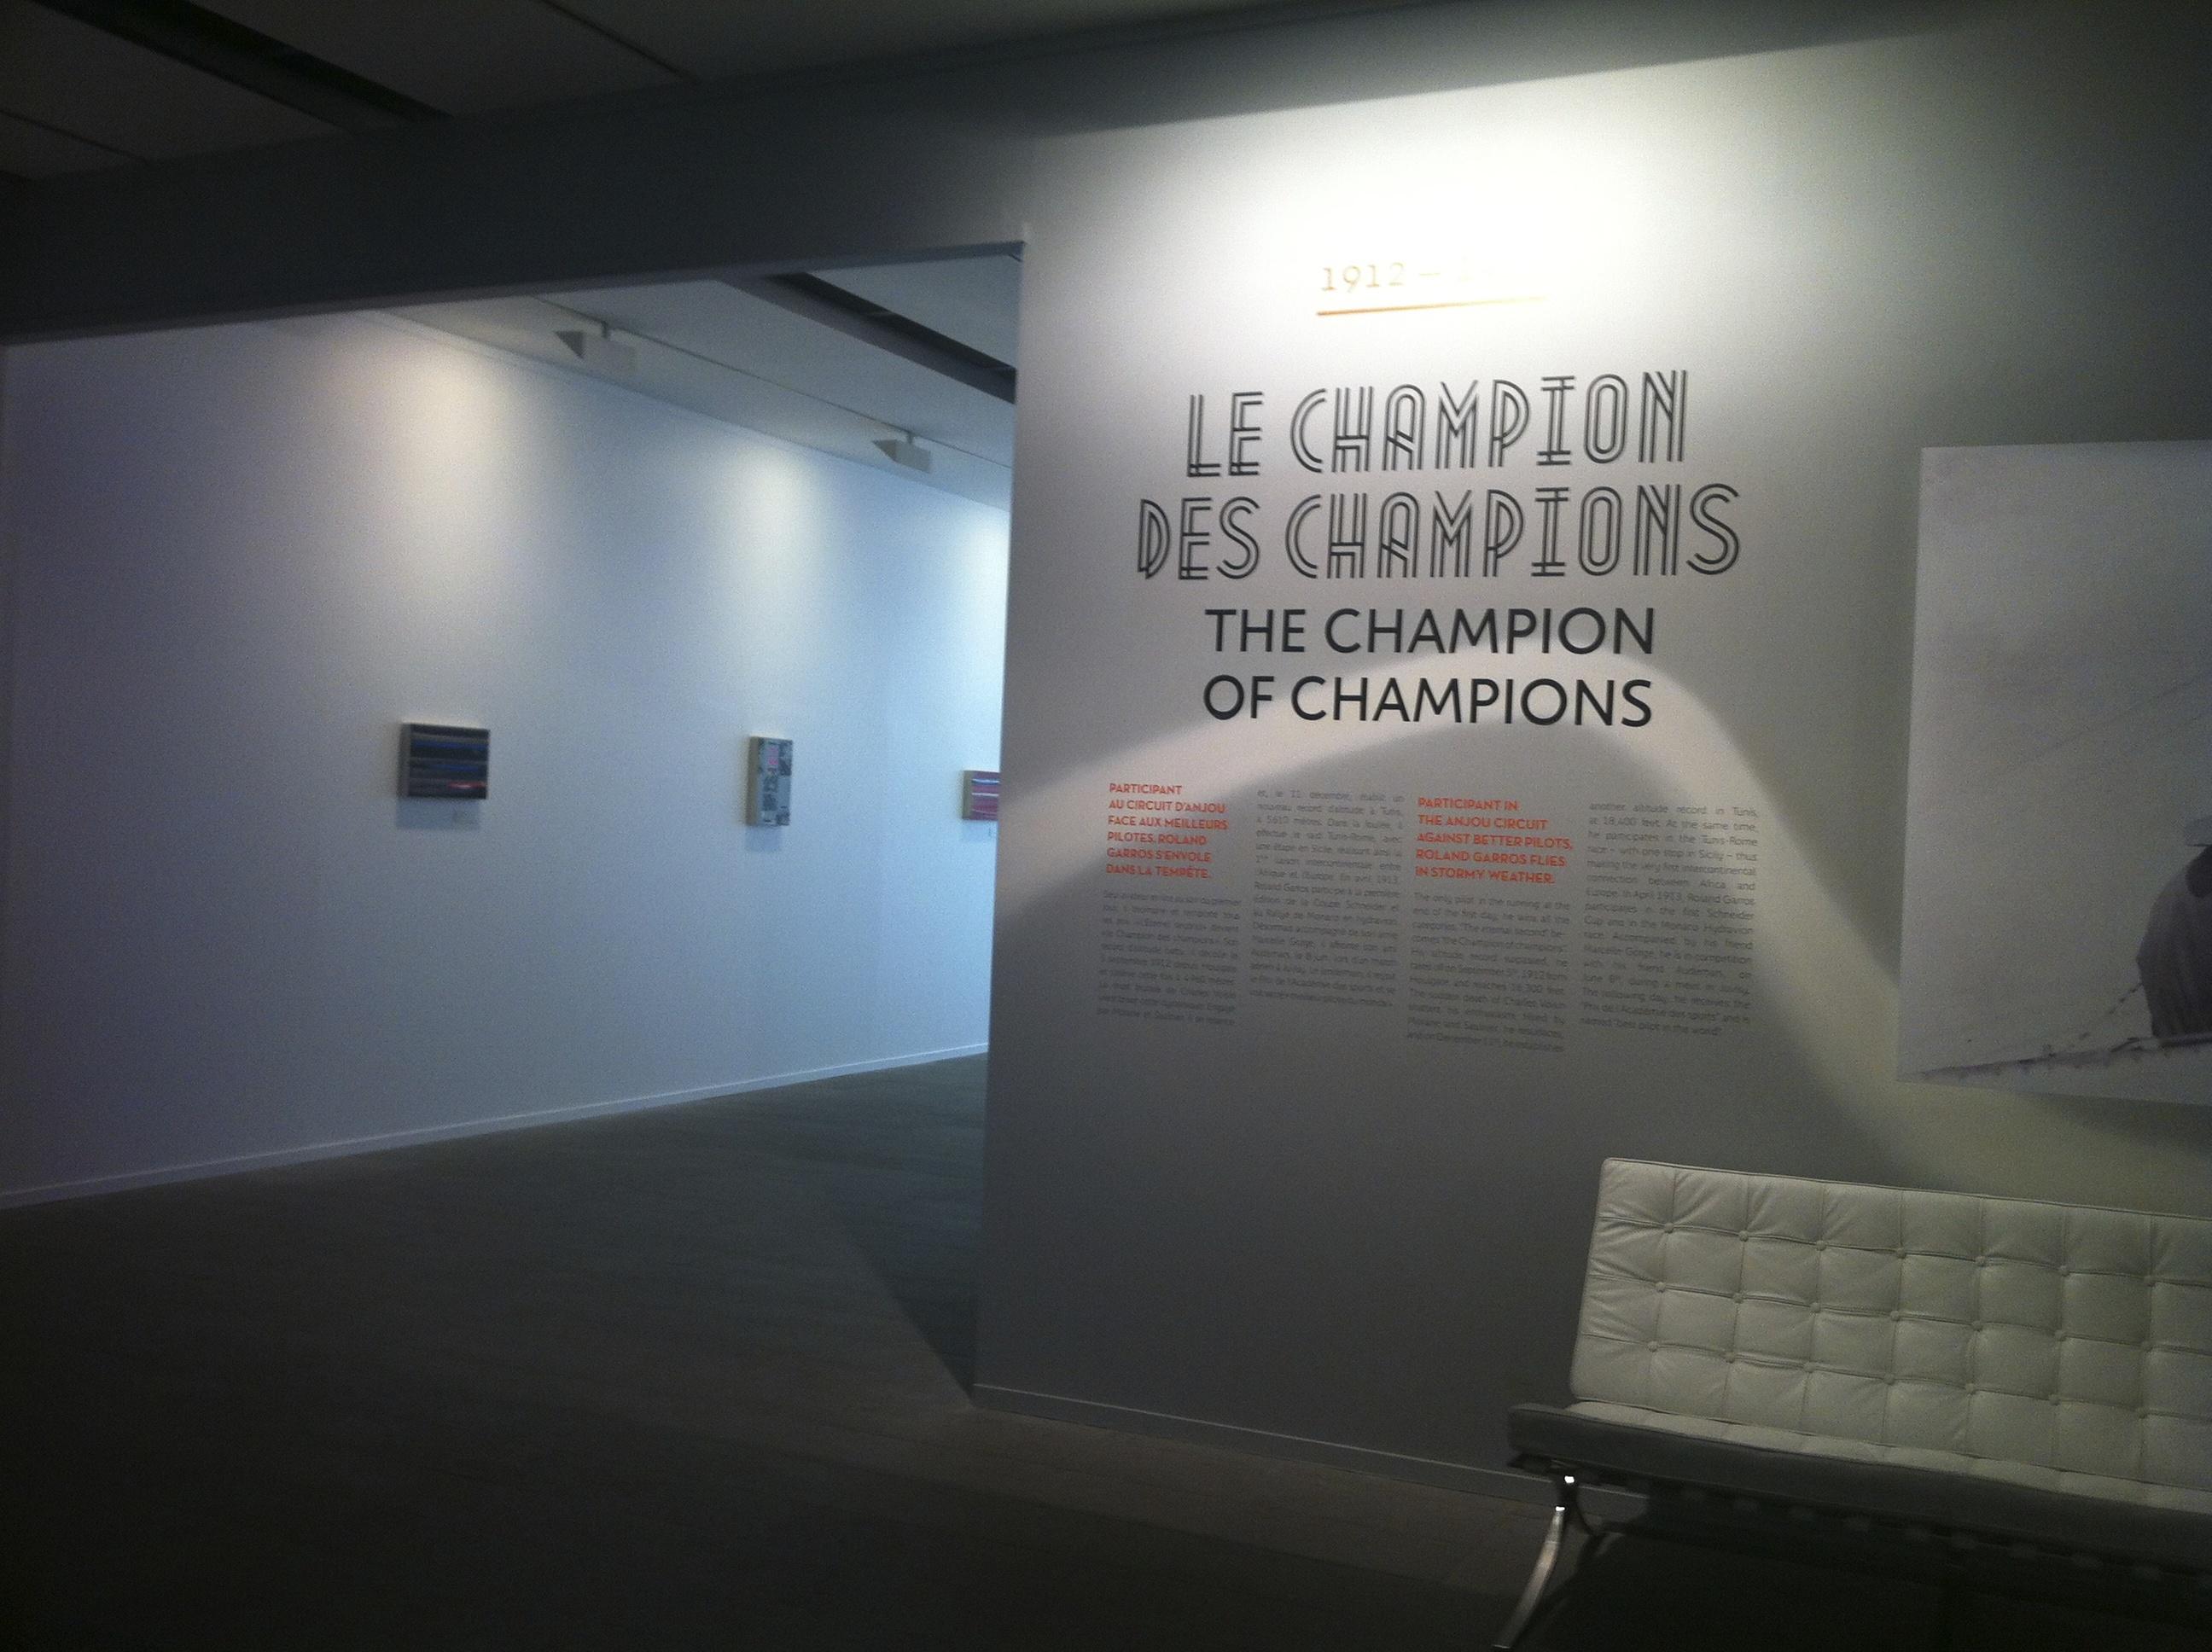 """En 1912, Roland Garros se distingue comme l'un des rares survivants du circuit d'Anjou. De là, son nouveau surnom : """"le champion des champions""""."""